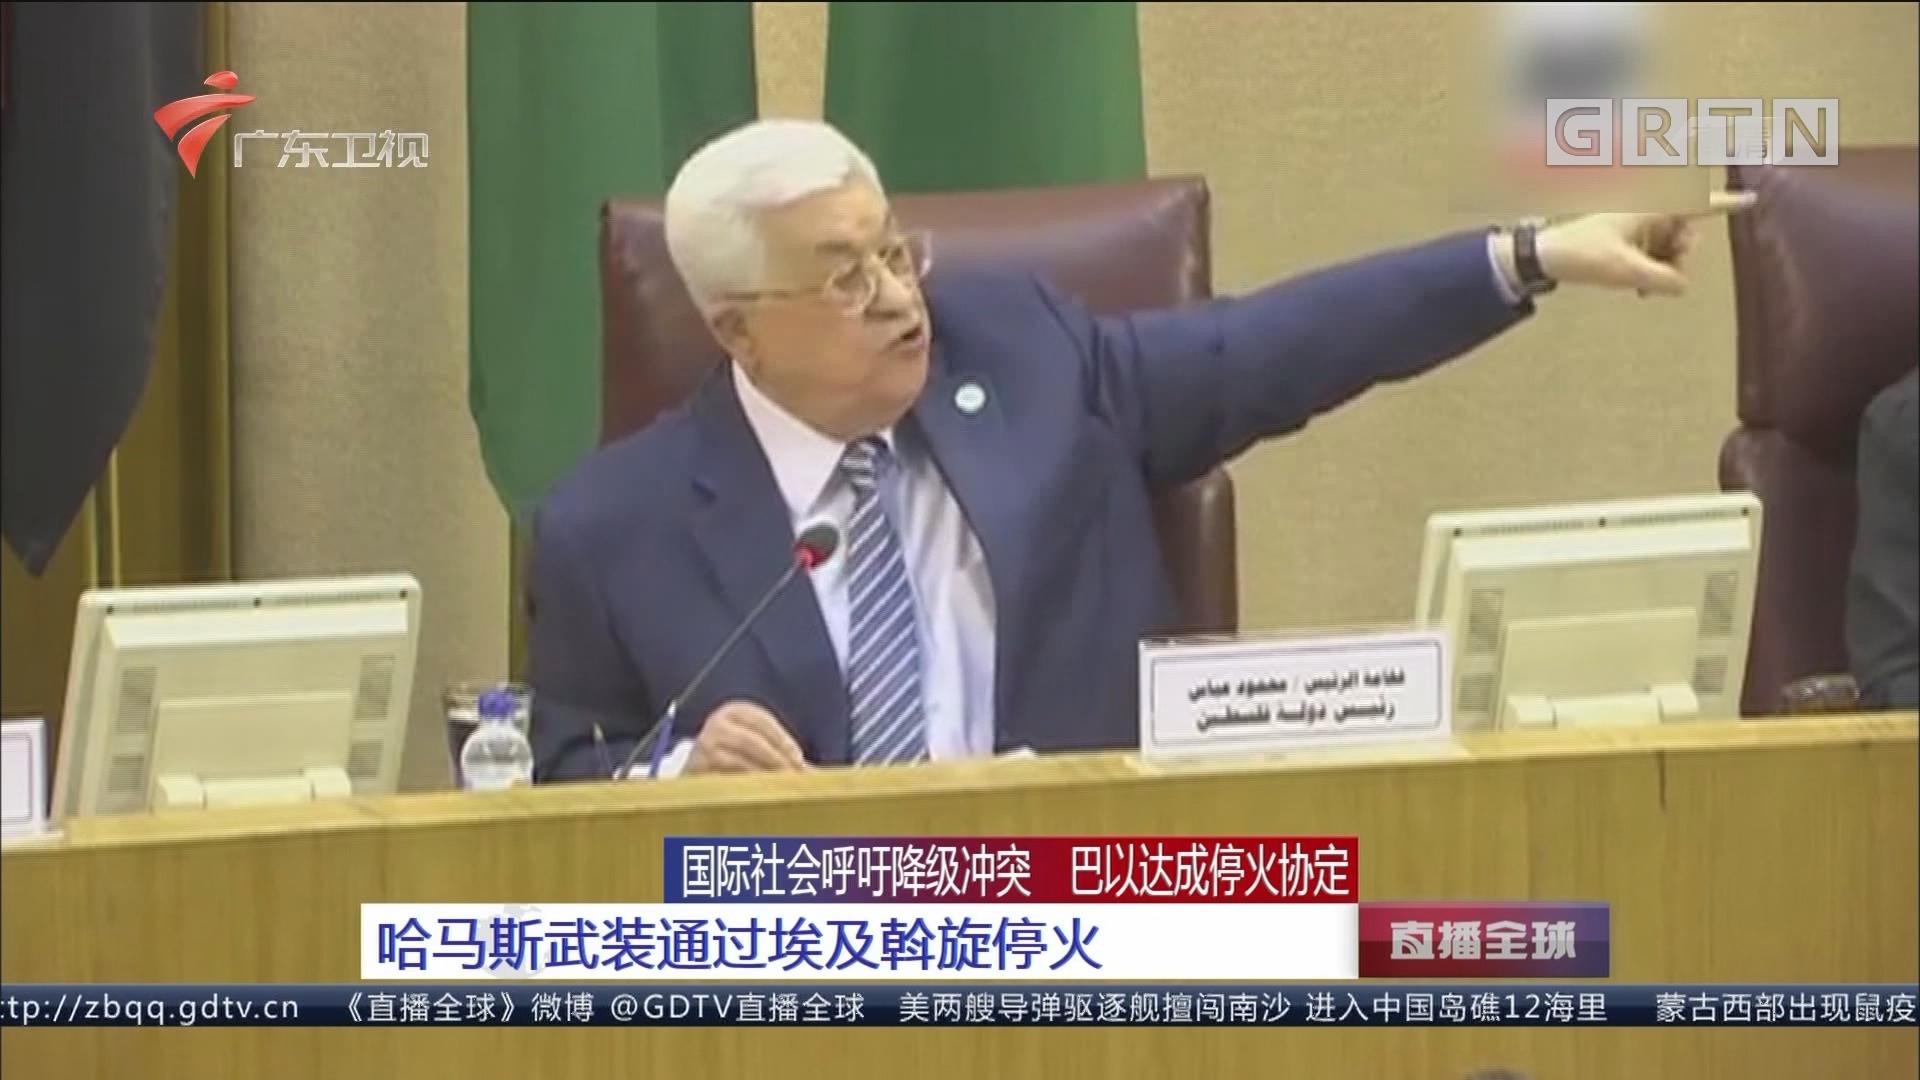 国际社会呼吁降级冲突 巴以达成停火协定 哈马斯武装通过埃及斡旋停火